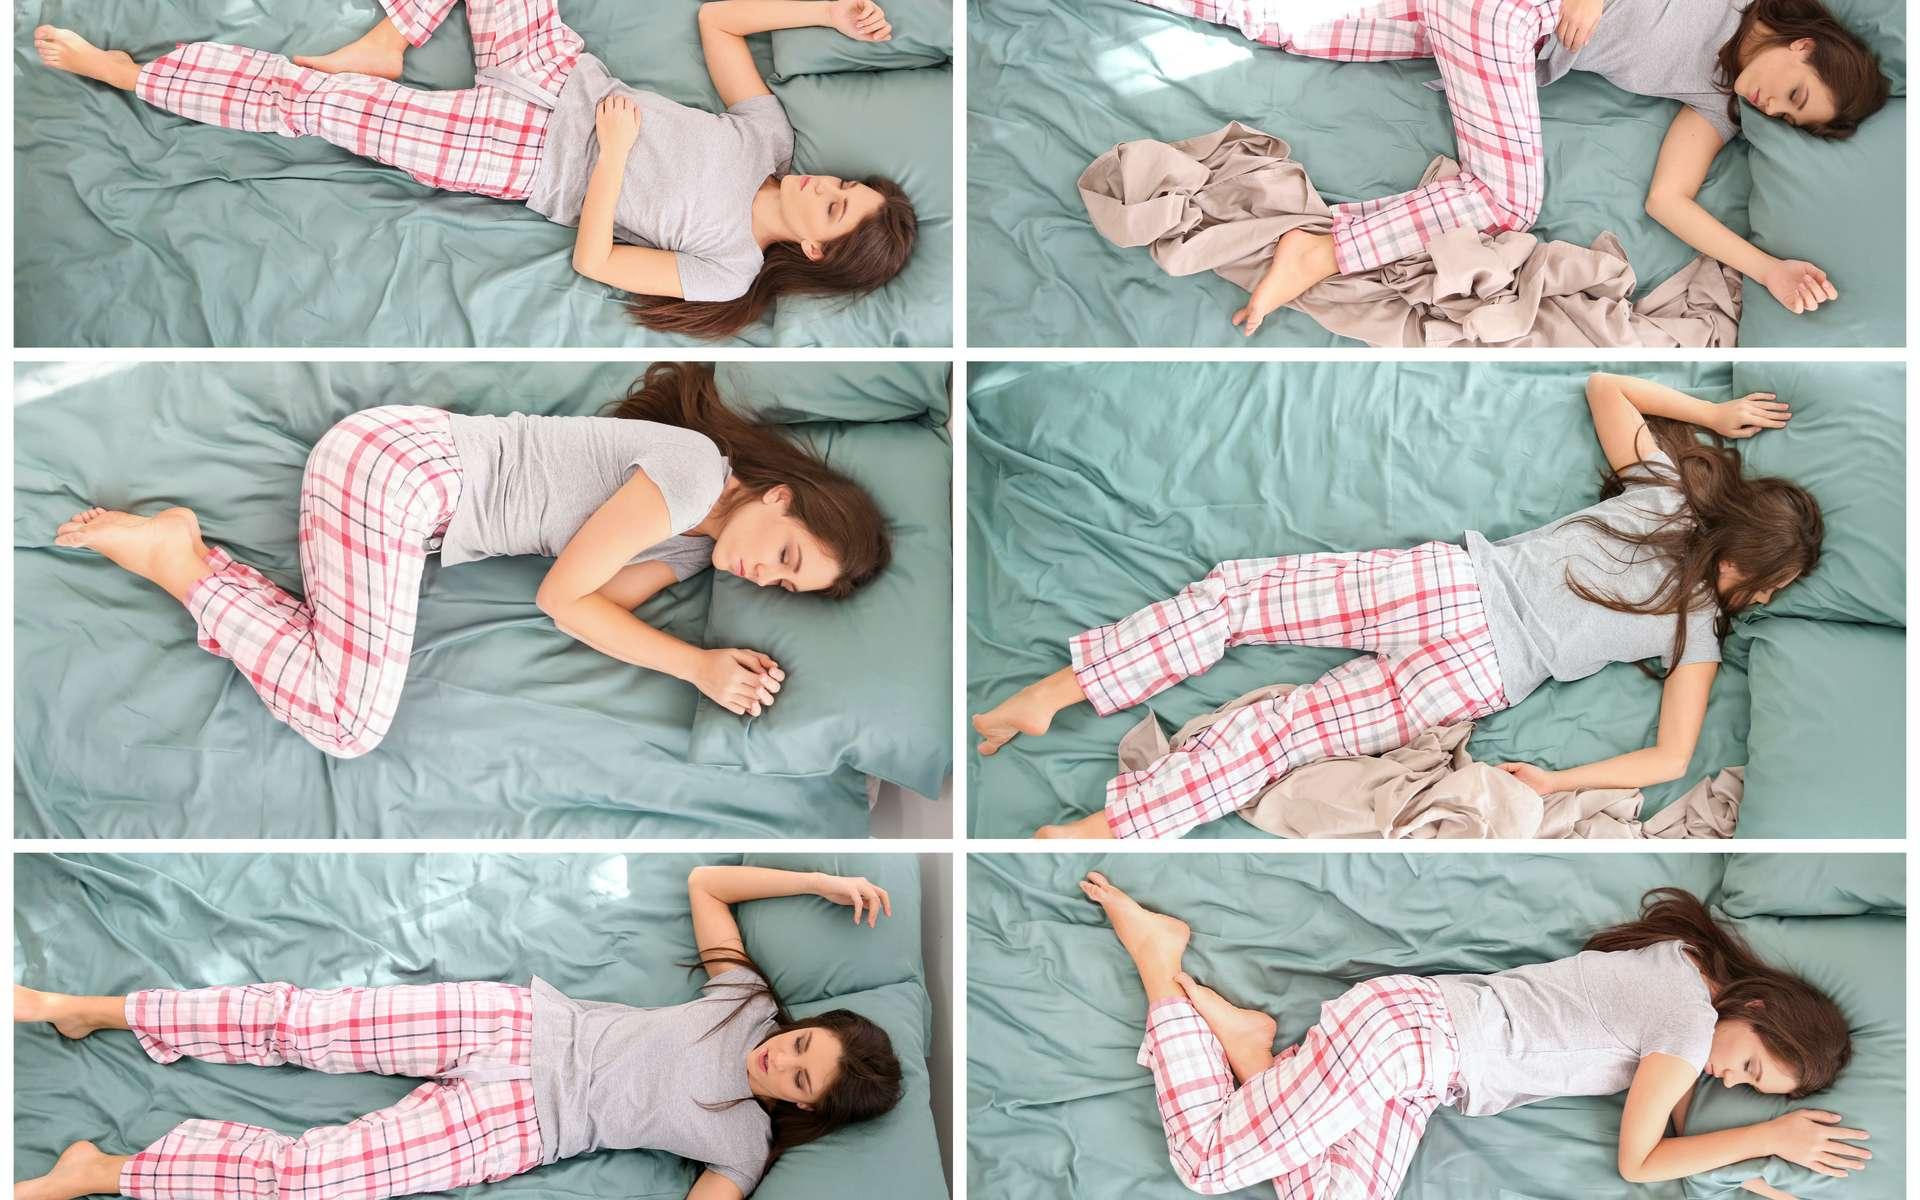 Une mauvaise position durant la nuit peut entraîner des tensions musculaires ou lombaires. © Pixel-Shot, Adobe Stock